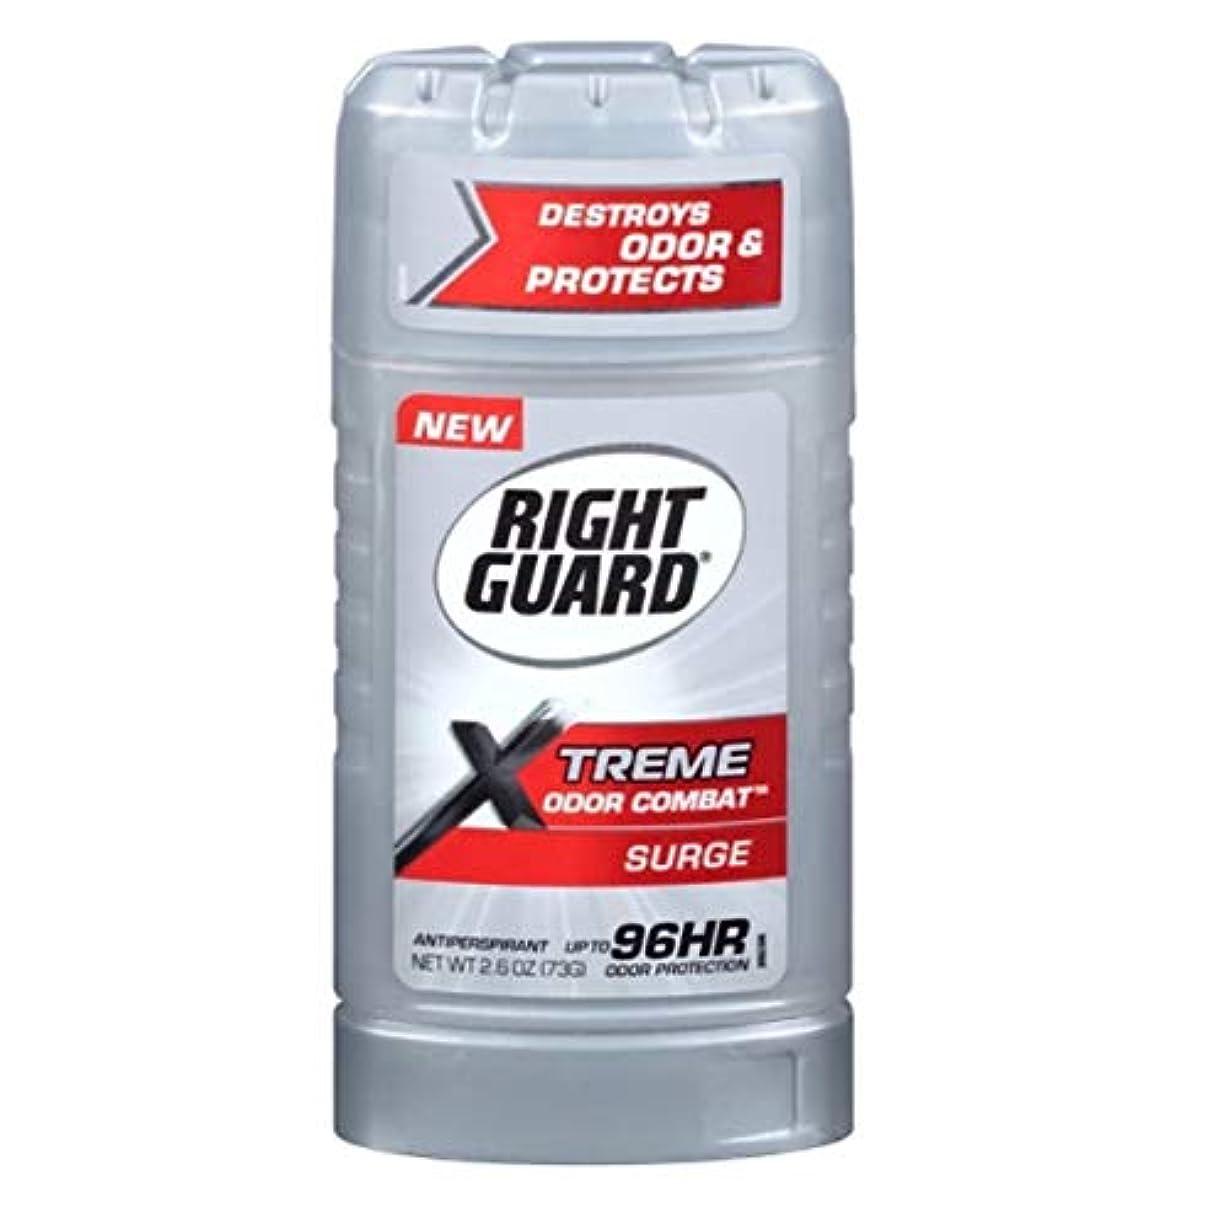 深い作物望みRight Guard Xtreme Odor Combat Surge Invisible Solid Antiperspirant and Deodorant - 2.6oz 海外直送品 [並行輸入品]